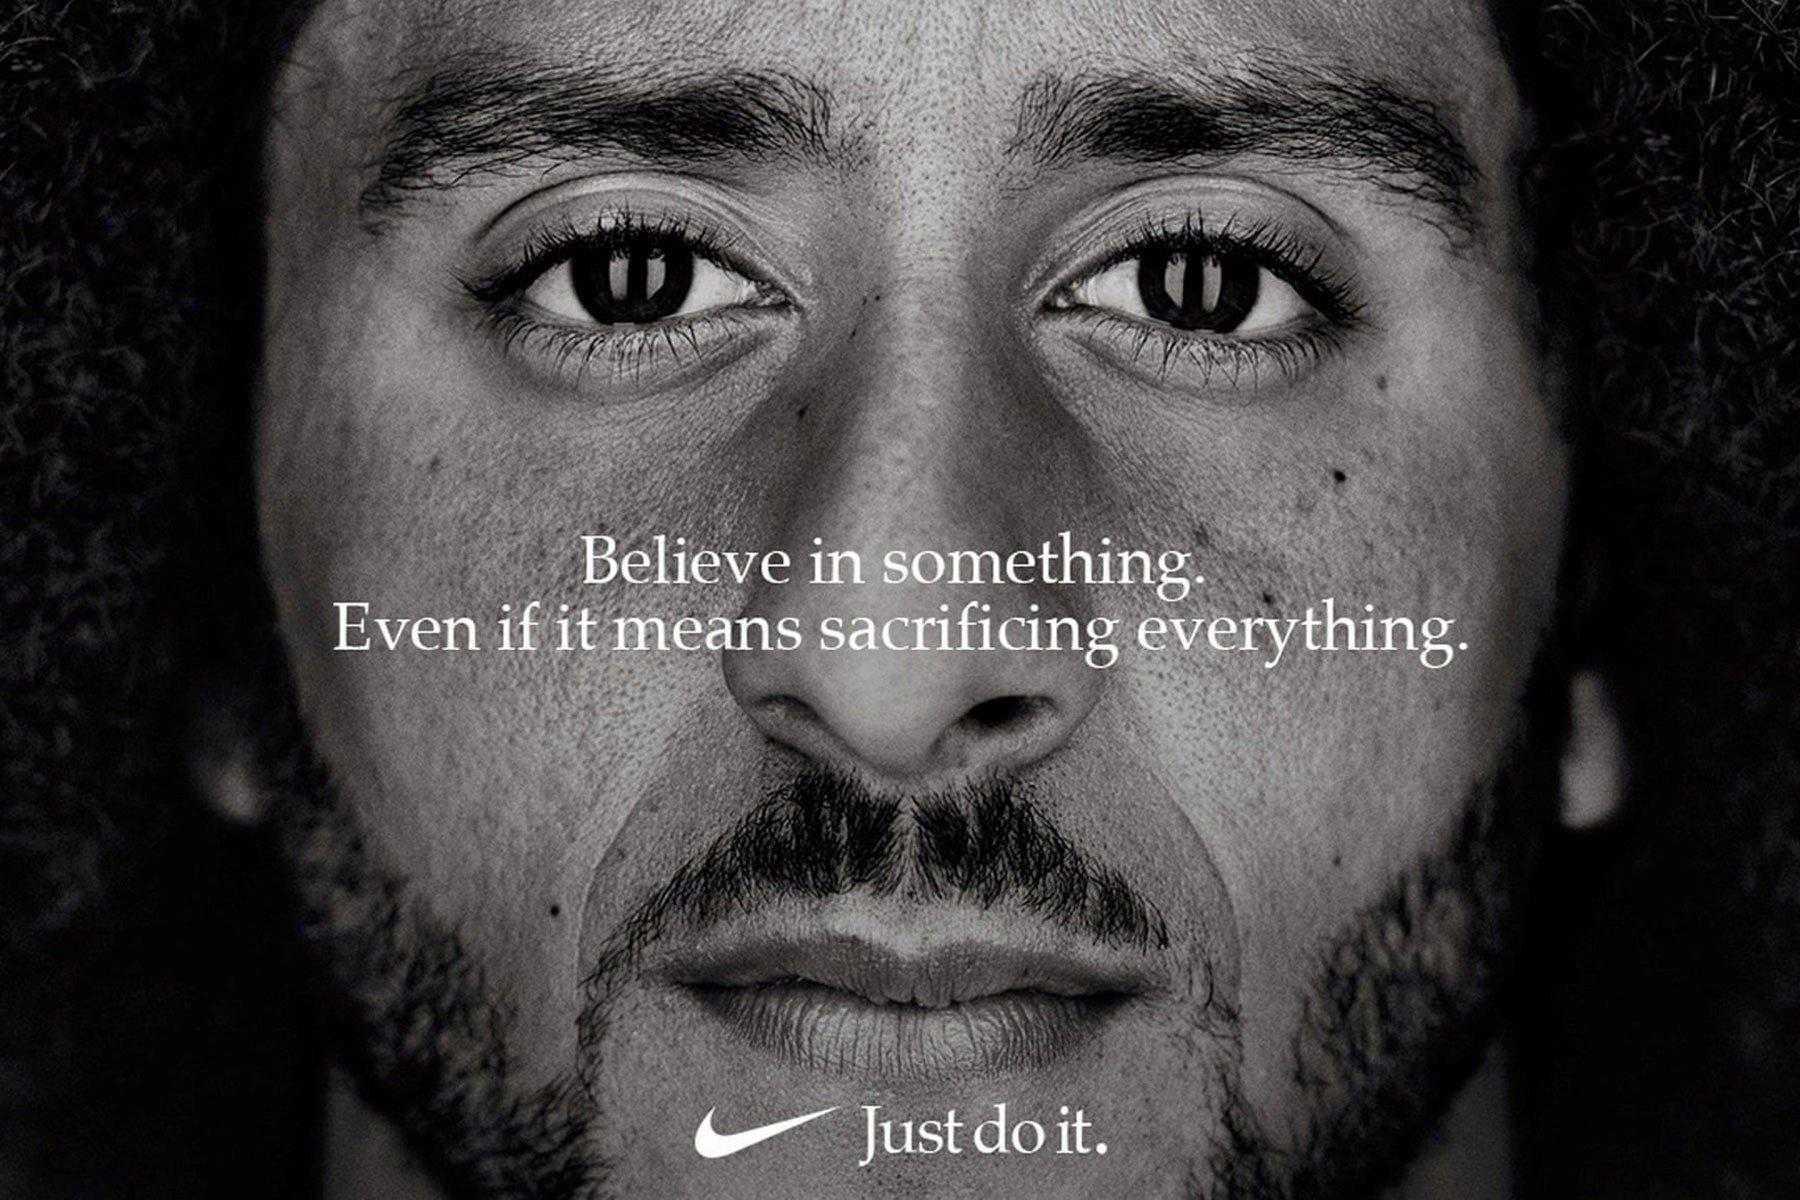 La campagna Nike che sta facendo il giro del mondo, spiegata